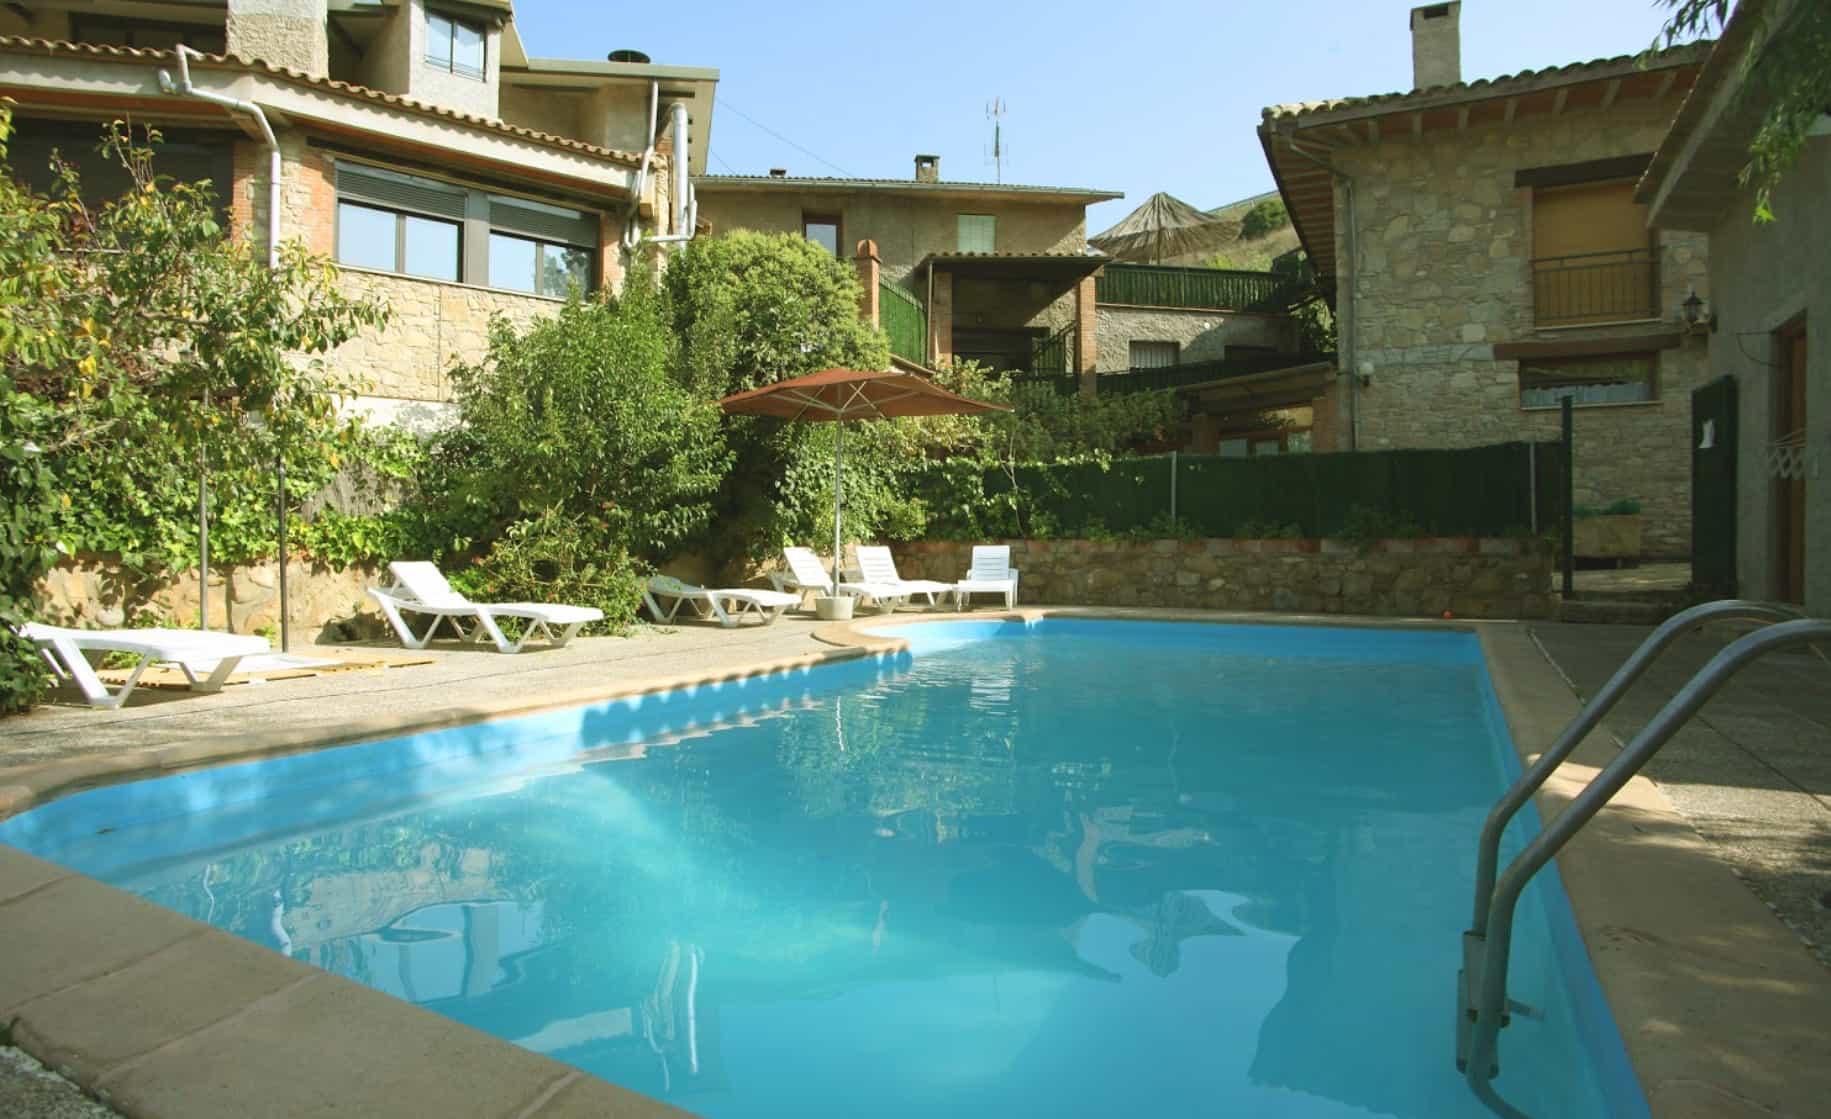 Masia de turisme rural i restaurant amb piscina